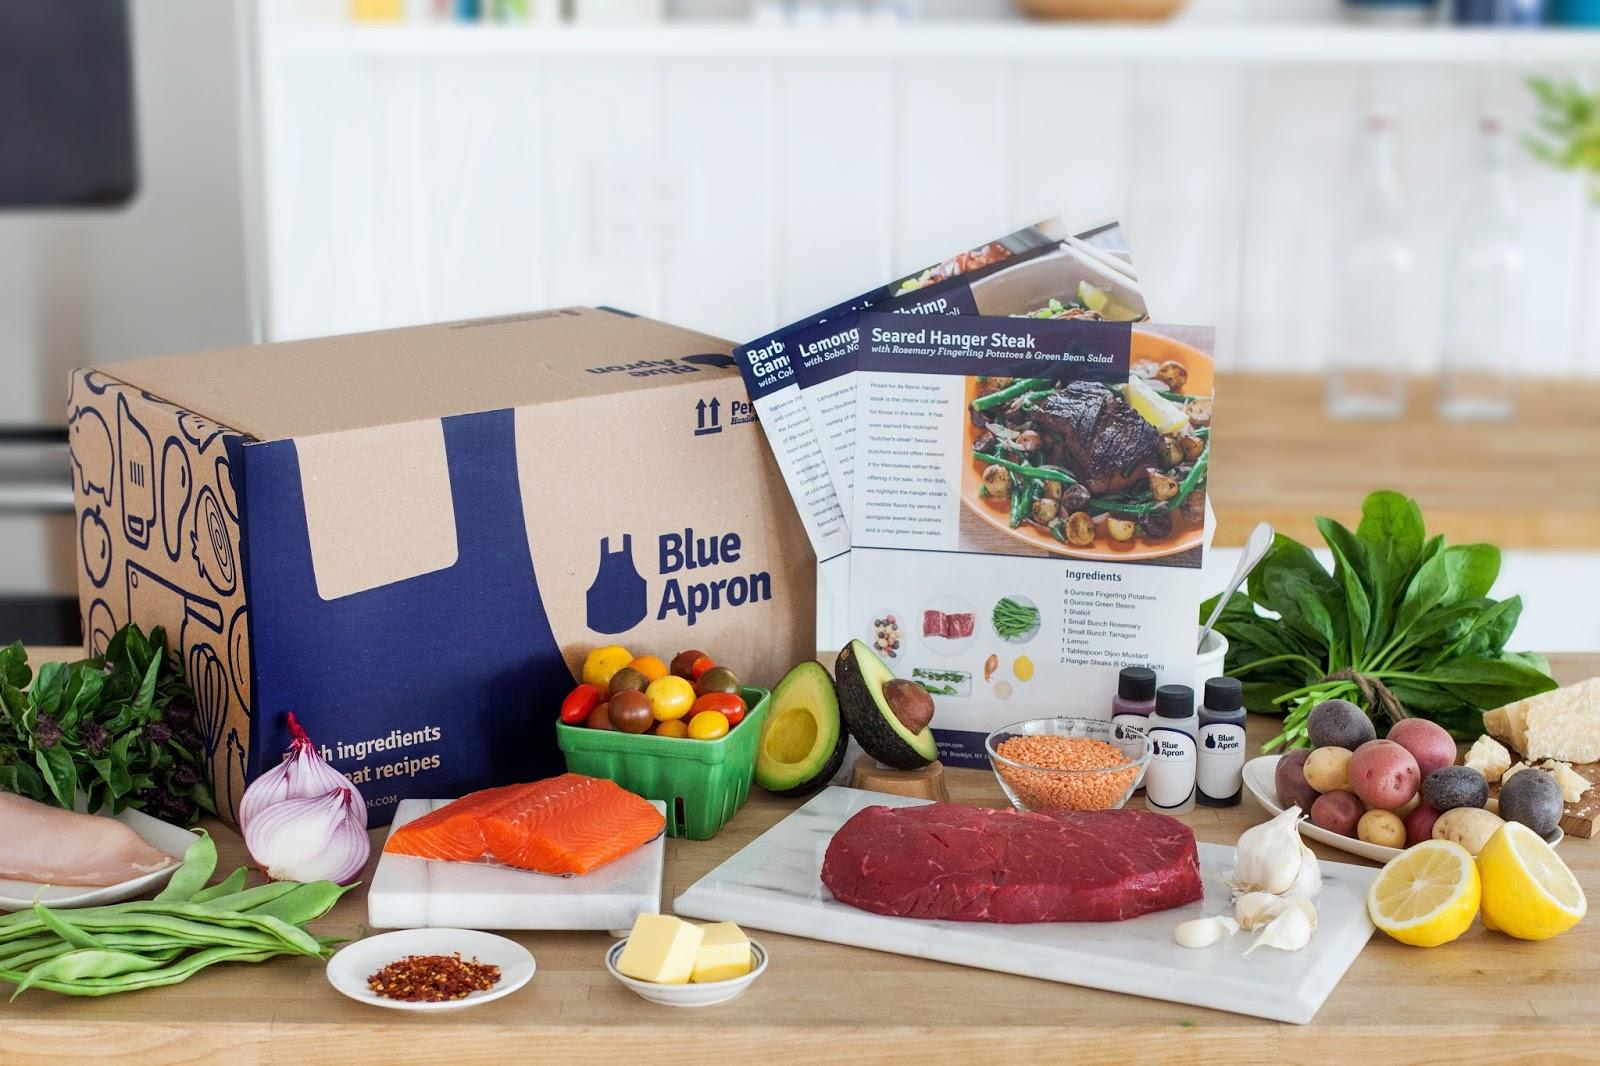 Blue apron lemongrass burger - Blue Apron 2 Person Box Review